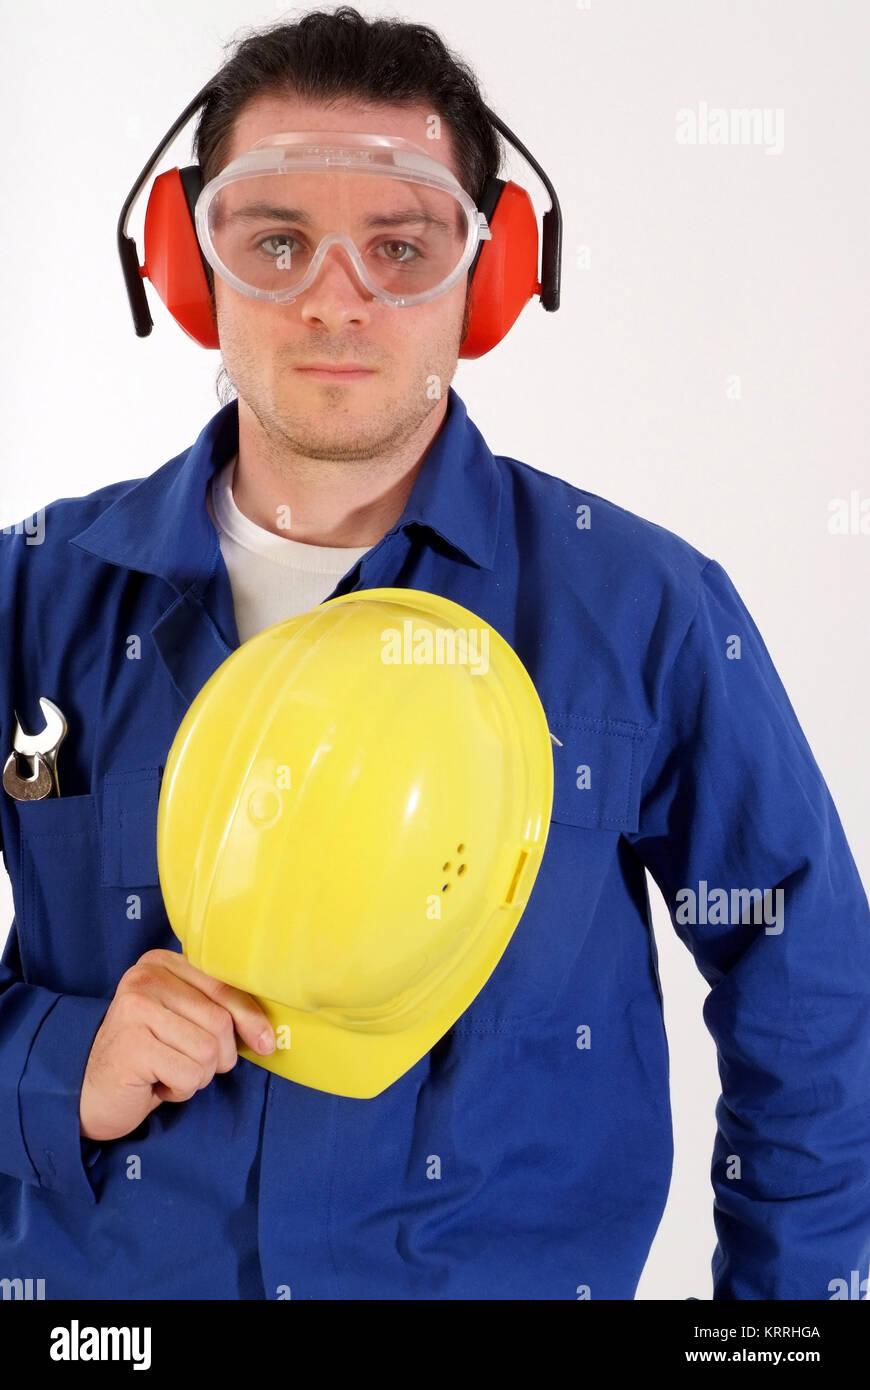 Bauarbeiter mit Gehoerschutz und Schutzbrille - building worker with ear protection - Stock Image